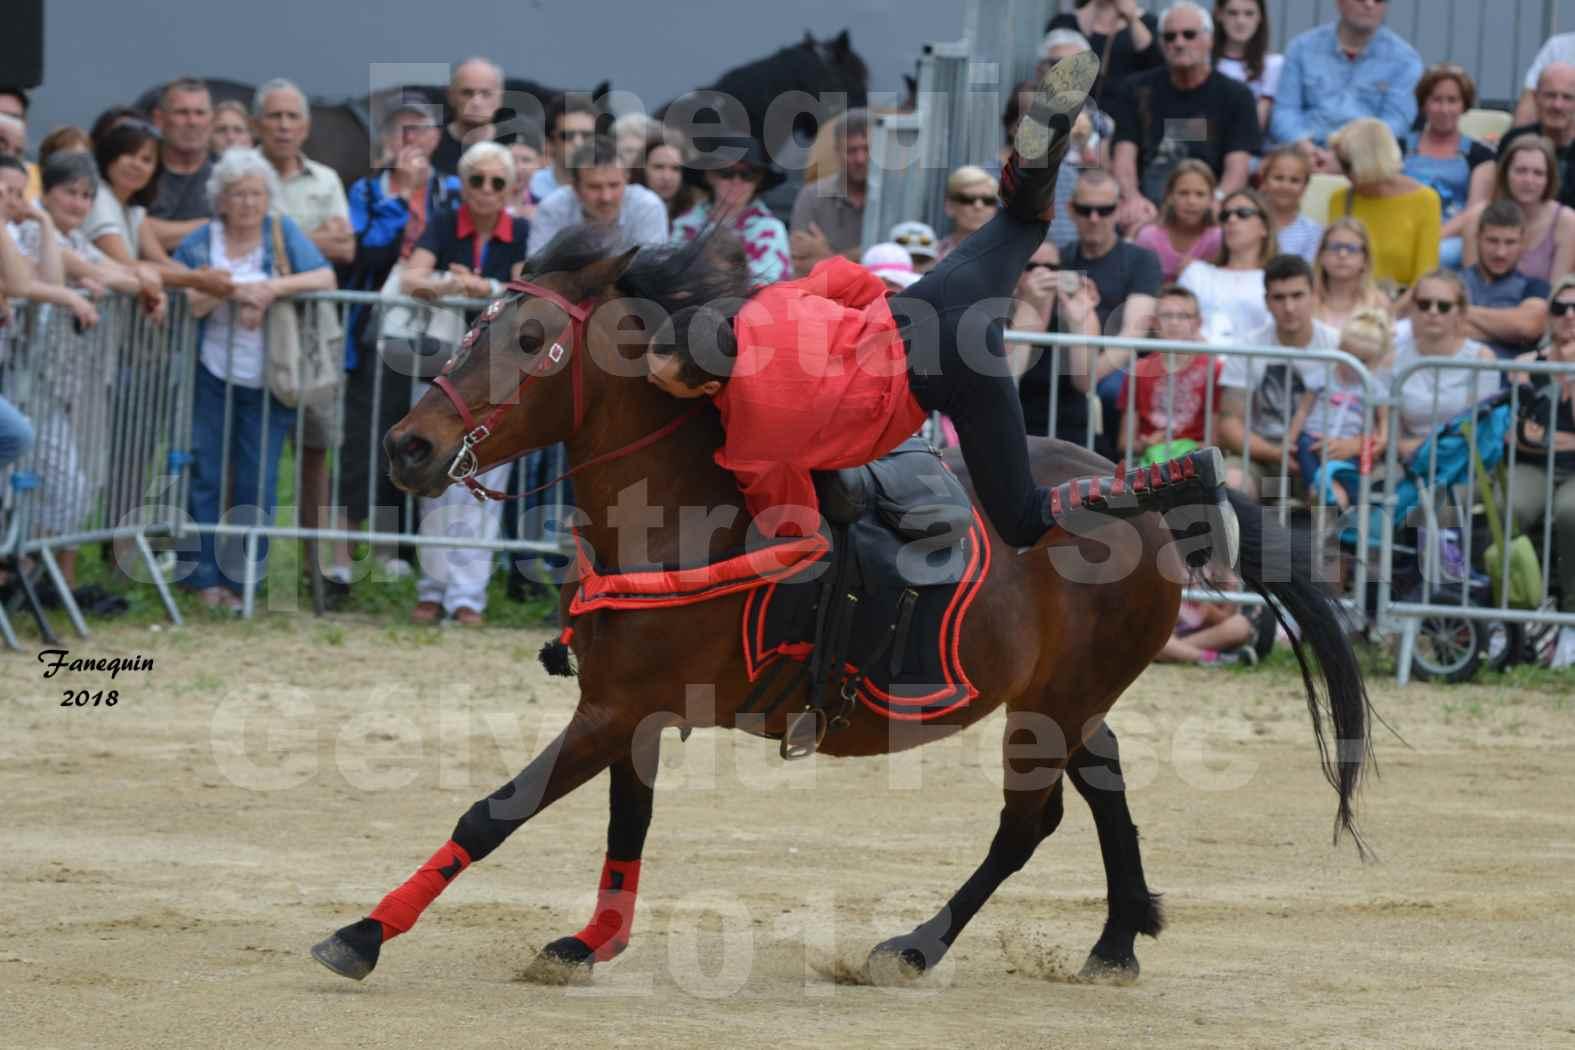 Spectacle Équestre le 3 juin 2018 à Saint Gély du Fesc - Voltige équestre - Troupe de Jean Antoine FIRMIN - 05